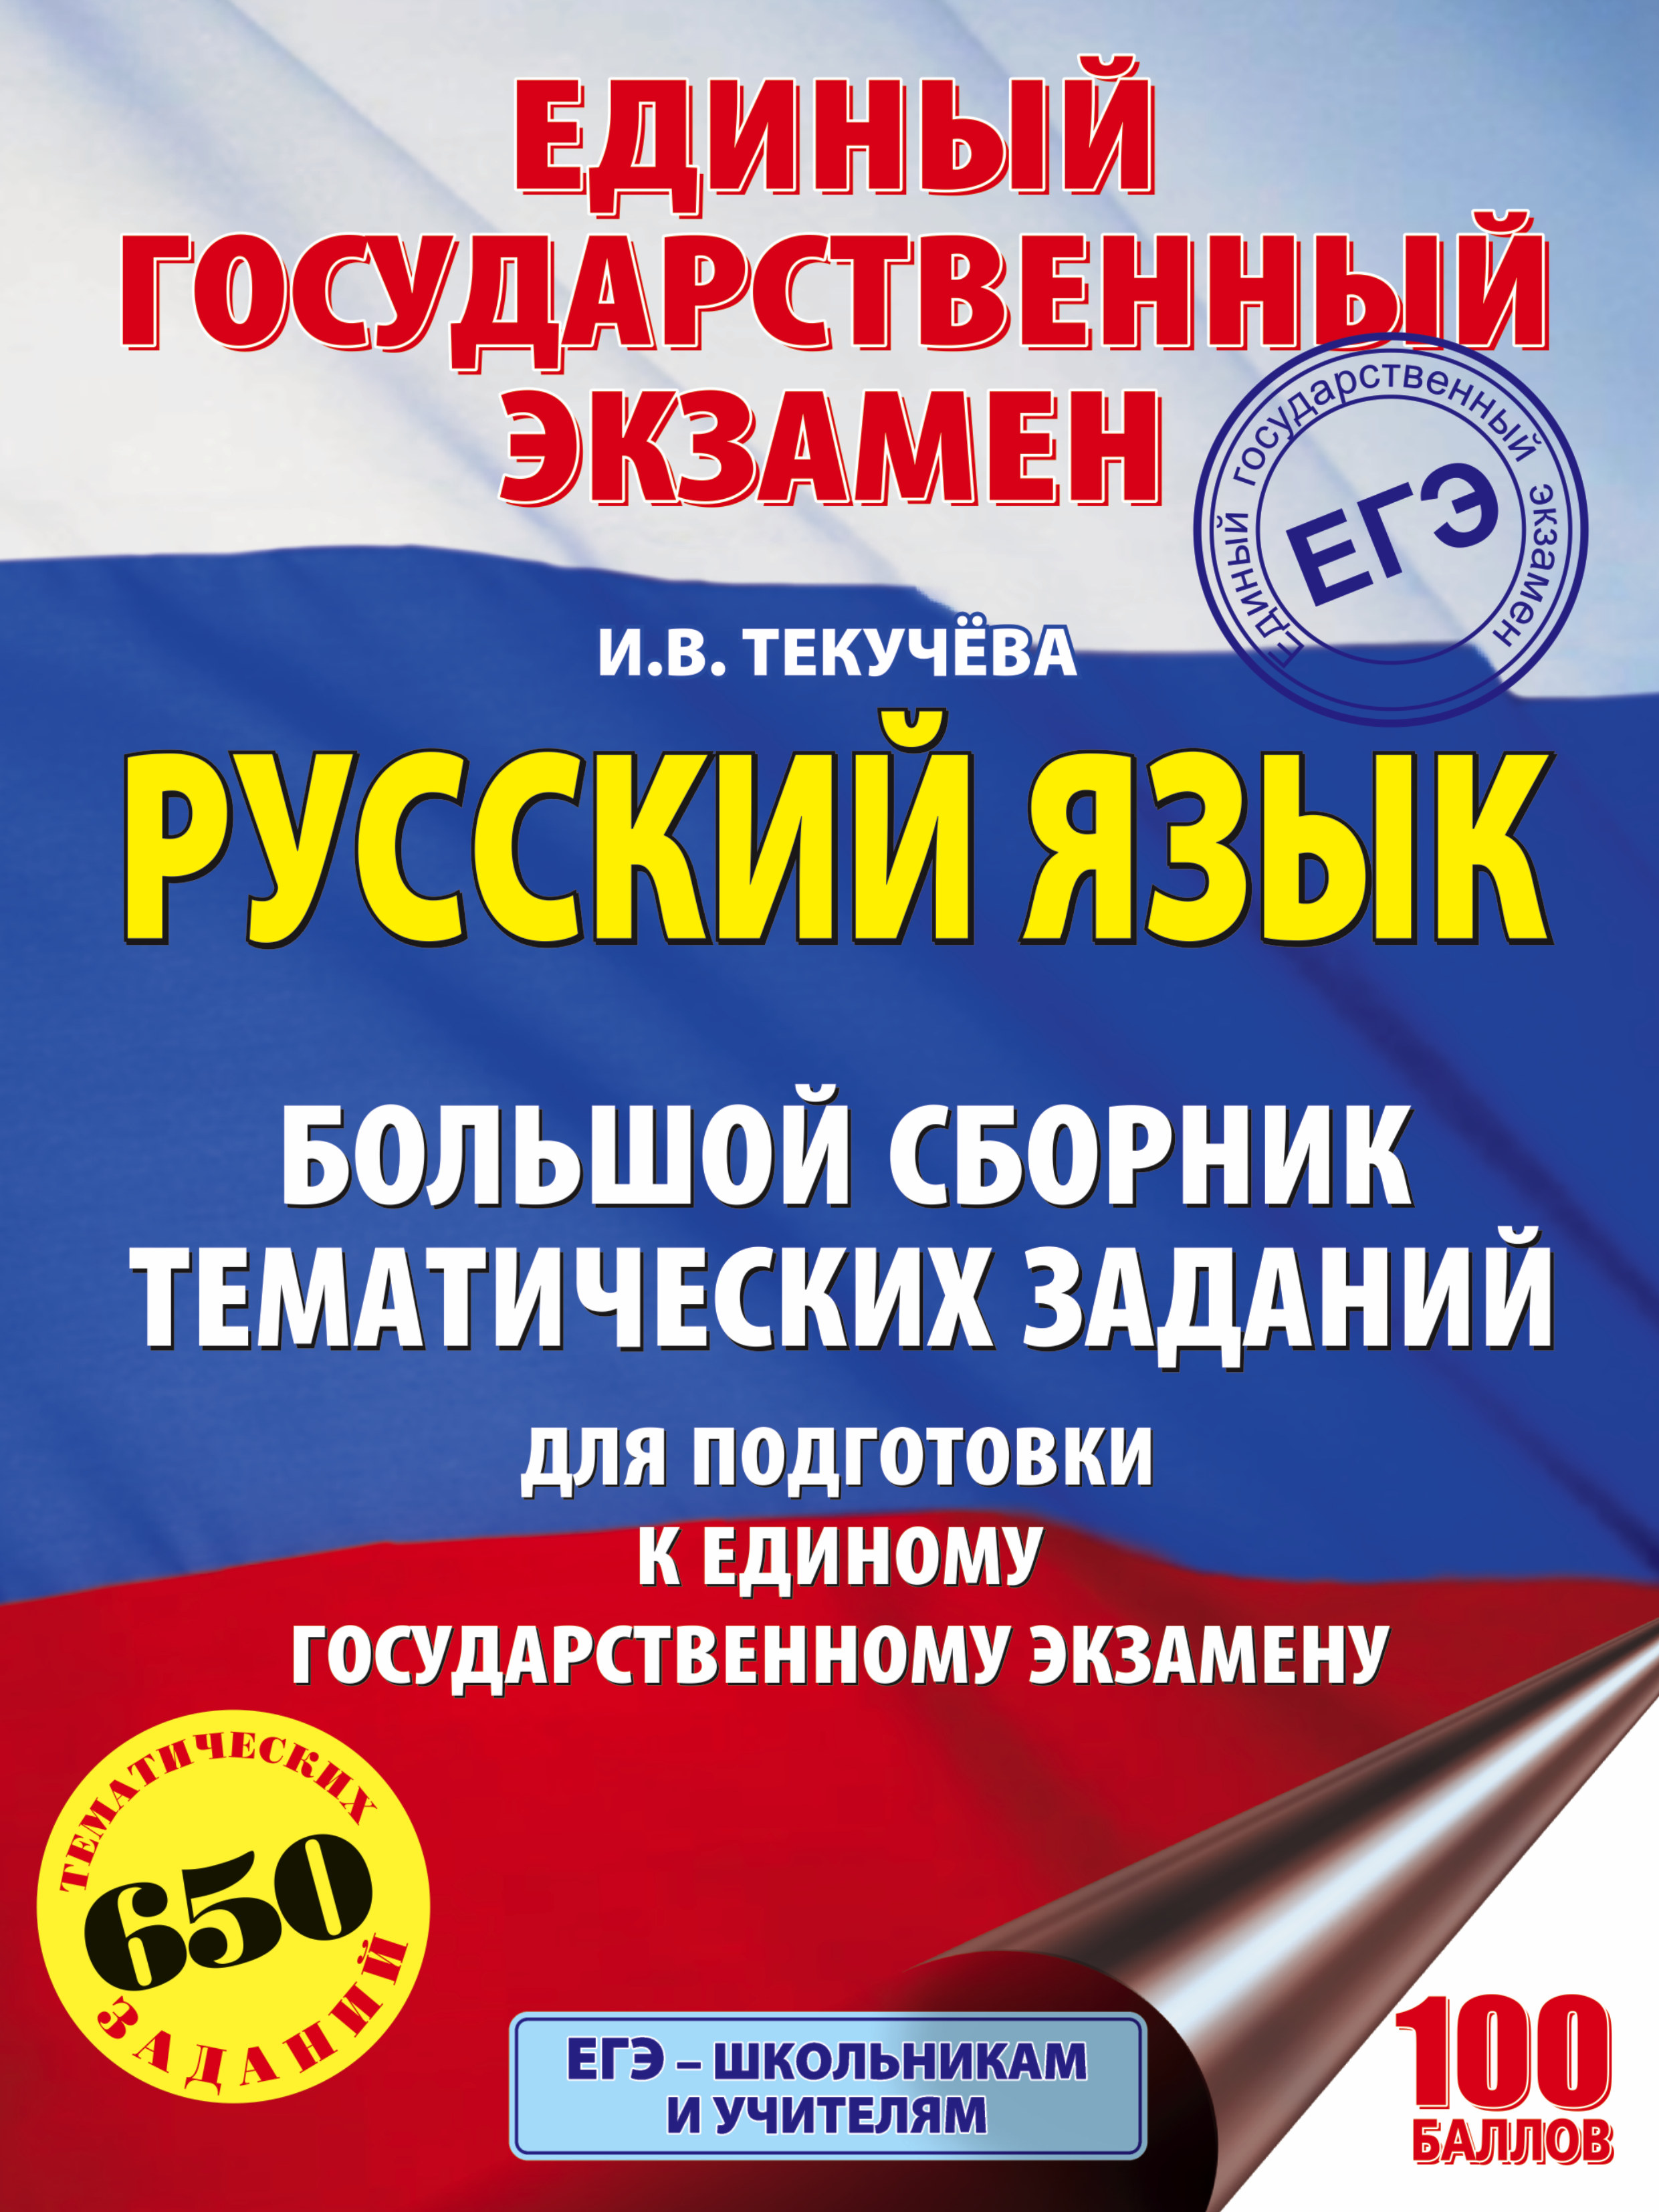 ЕГЭ. Русский язык. Большой сборник тематических заданий для подготовки к единому государственному экзамену Текучева